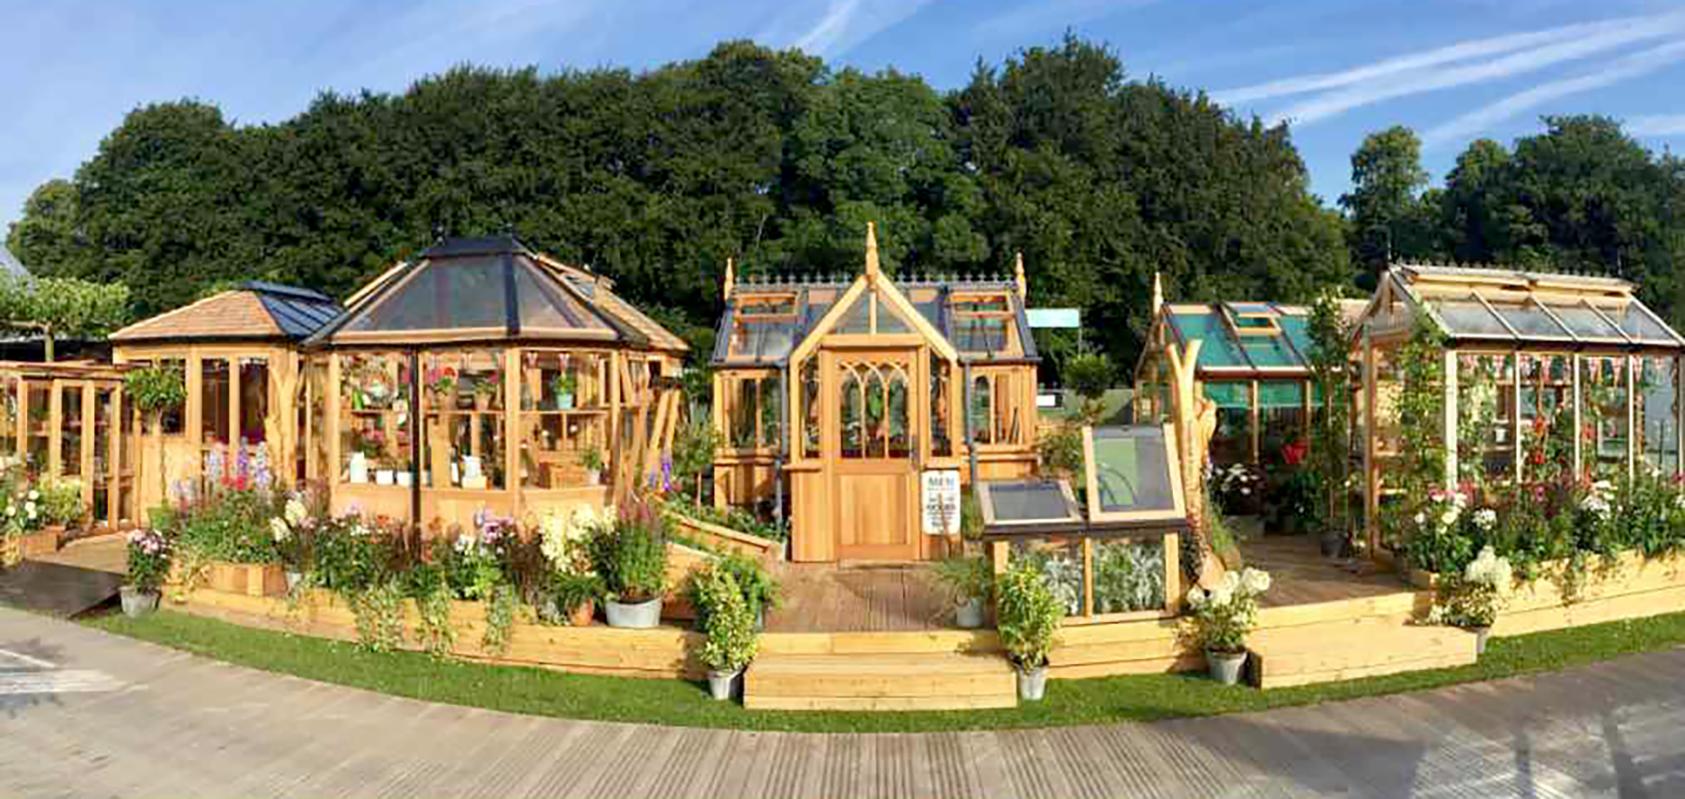 Full Size of Garten Spielhaus Holz Schlafzimmer Komplett Massivholz Esstisch Ausziehbar Massiv Küche Modern Sofa Mit Holzfüßen Massivholzküche Regal Regale Betten Wohnzimmer Gewächshaus Holz